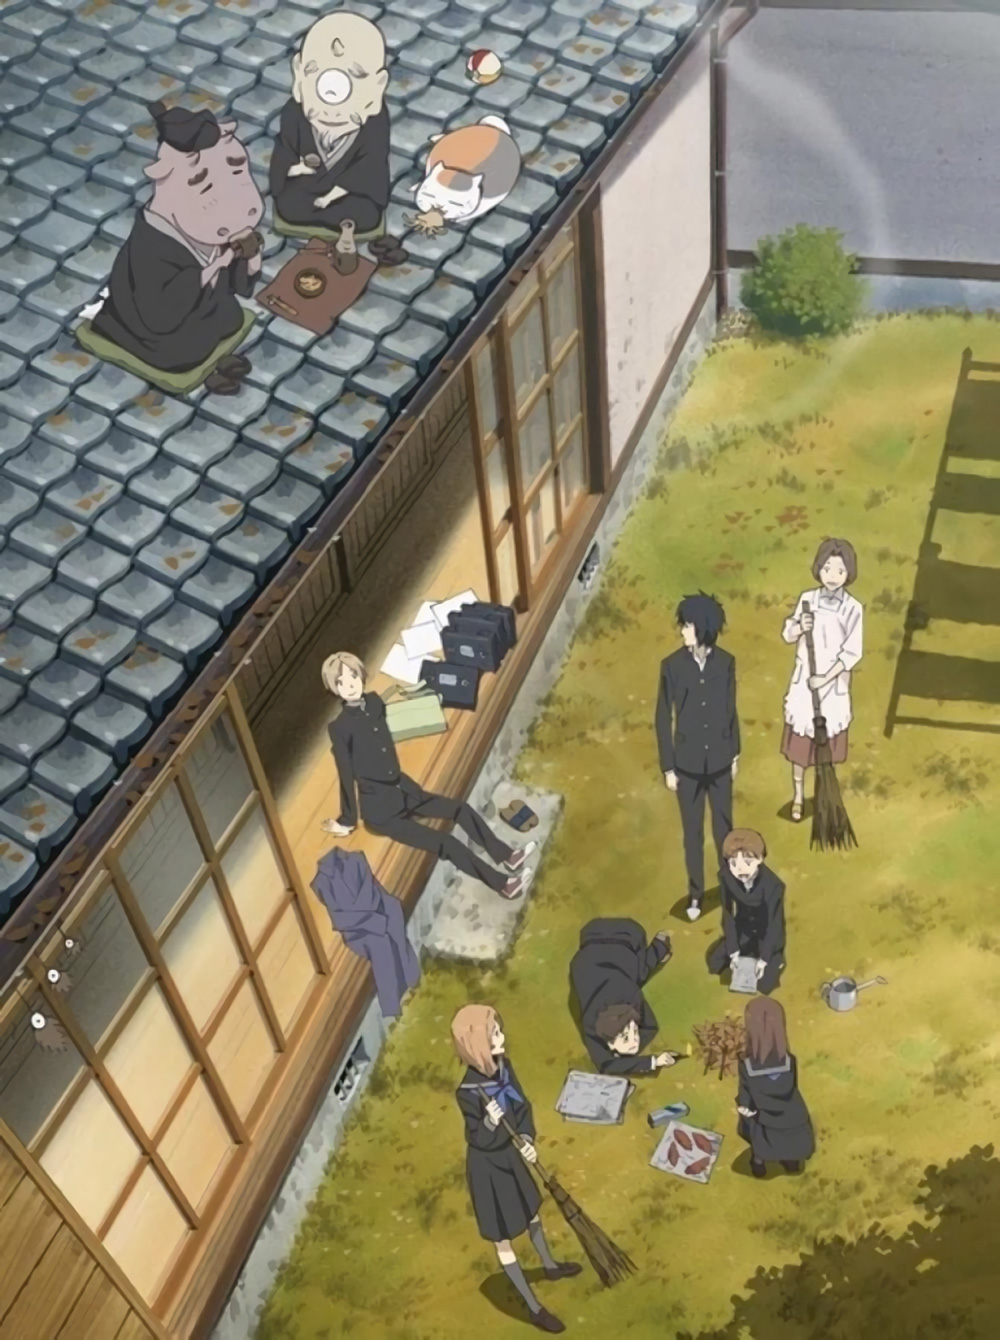 Natsume-Yuujinchou-Anime-Season-4-Visual